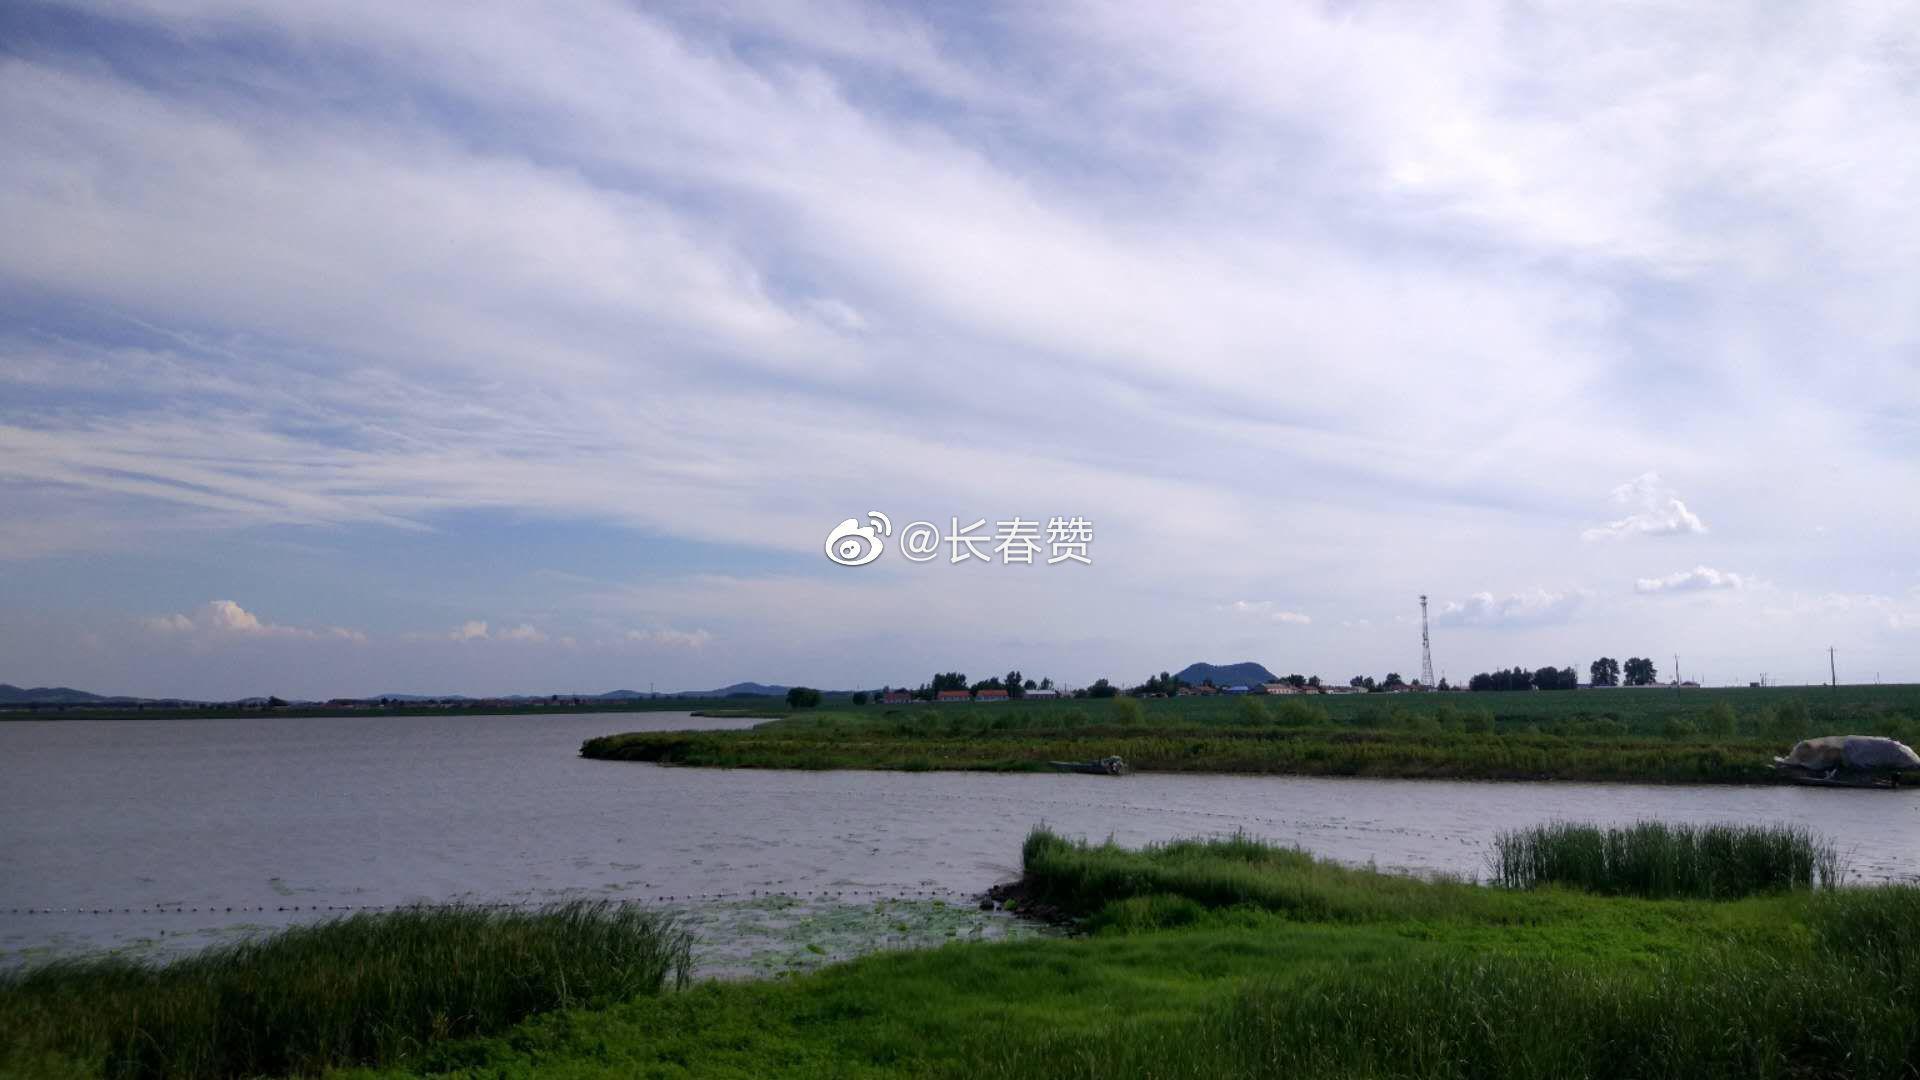 伊通河三期左岸河漫滩湿地情况简介 伊通河三期左岸河漫滩湿地计